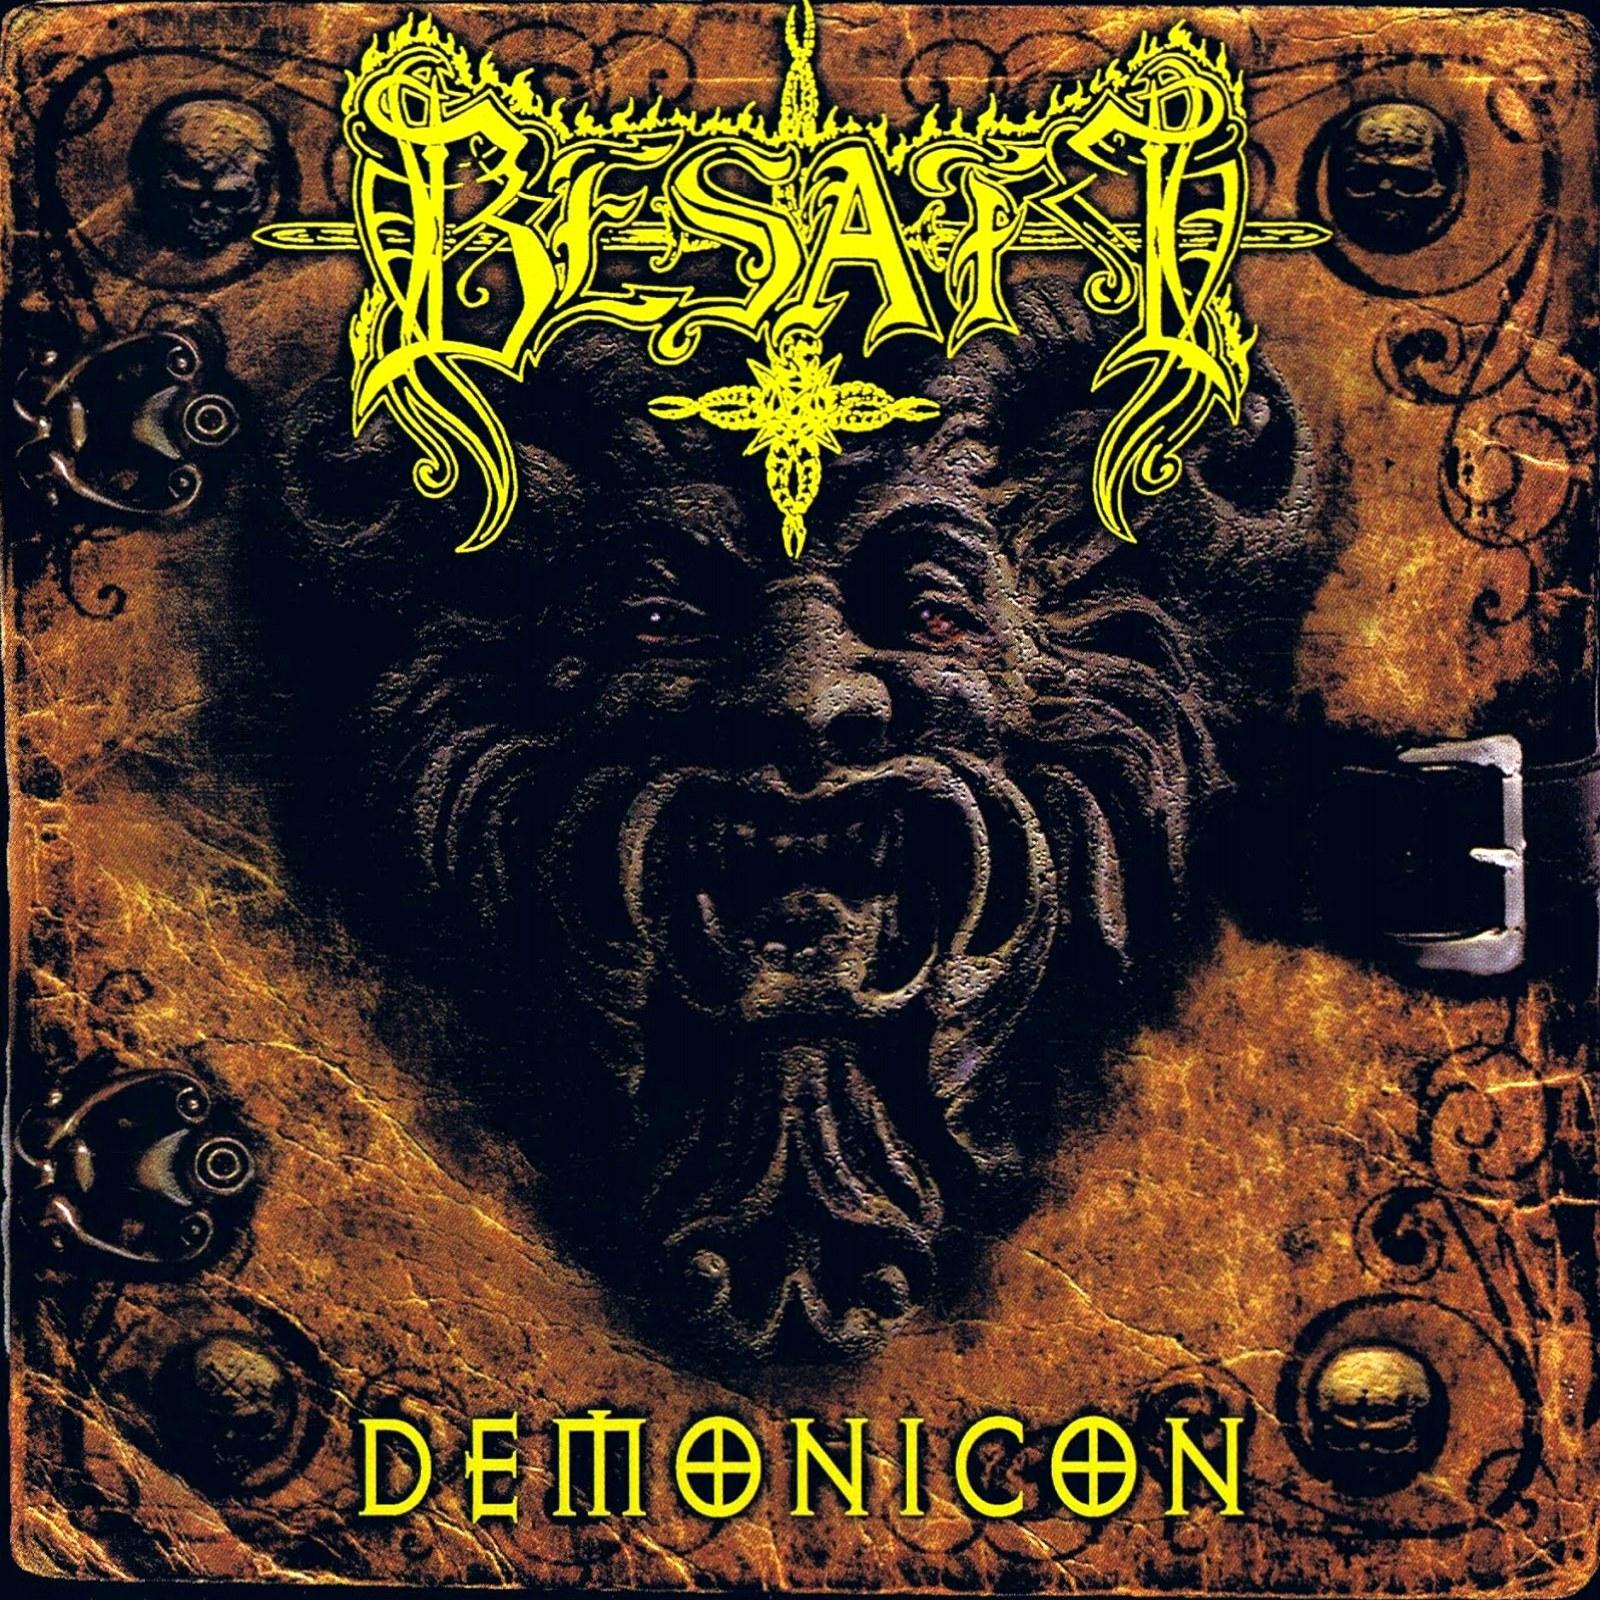 Review for Besatt - Demonicon